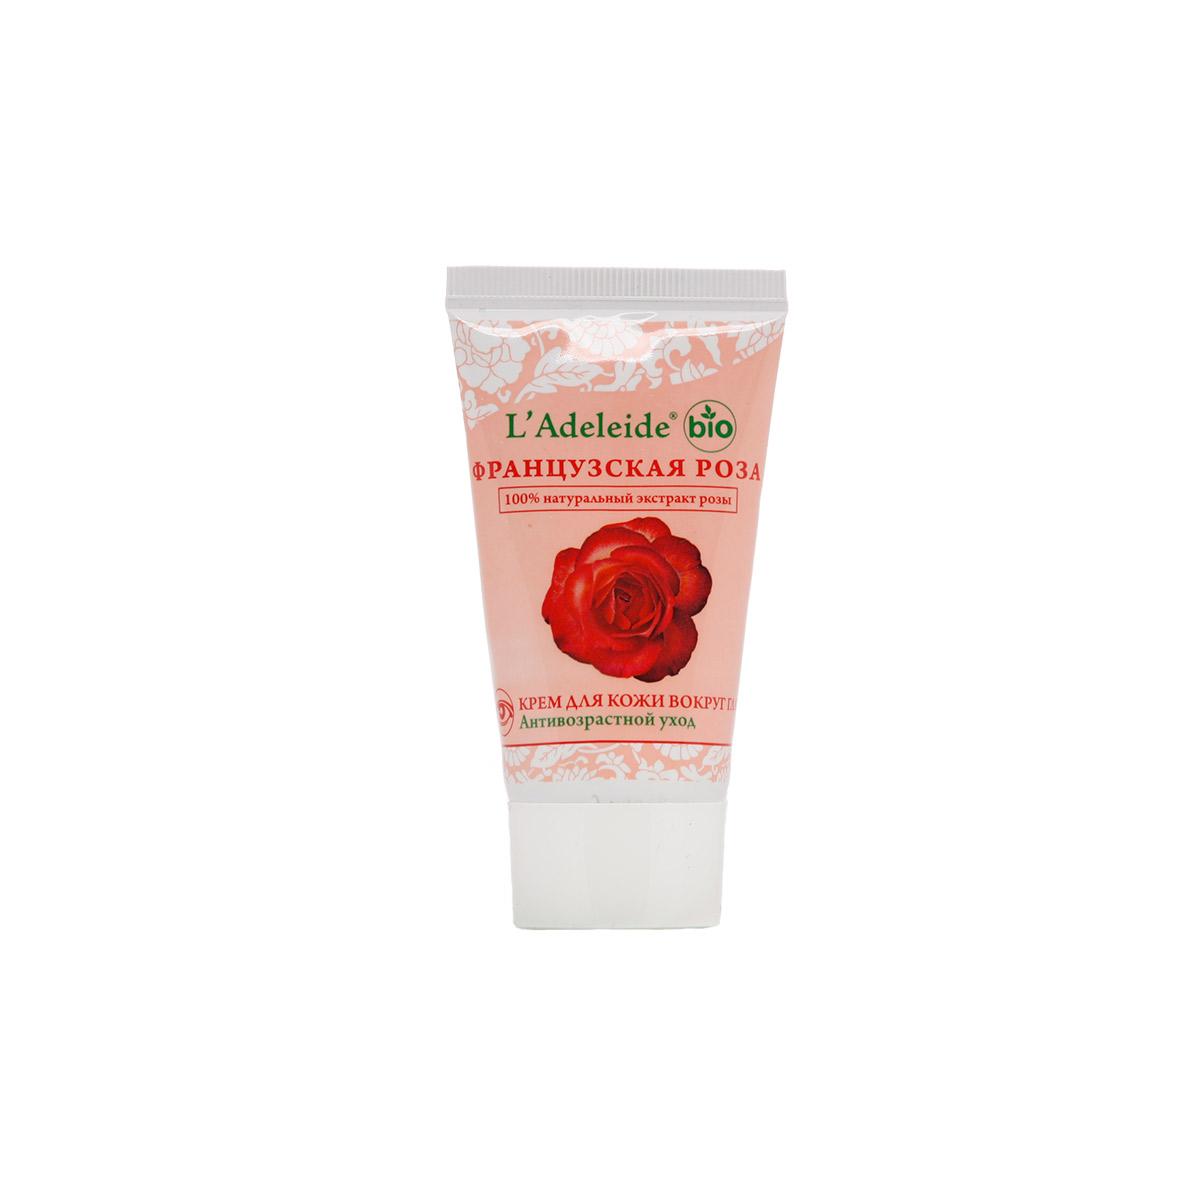 LAdeleide Крем для кожи вокруг глаз Французская роза Антивозрастной, 50 млКС-331Французская роза – это линия компании L'Adeleide на основе натурального экстракта французской розы, волшебным эффектом которого пользуются многие столетия жительницы Cредиземноморья. Французская роза известна своим регенерирующим и омолаживающим эффектом. Благодаря последним технологиям, L'Adeleide смог передать сильный эффект экстракта розы. Кожа вокруг глаз – самая тонкая и чувствительная кожа лица. Поэтому L'Adeleide подготовил особый уход для этой зоны. Крем для кожи вокруг глаз Французская роза содержит повышенную концентрацию активных веществ, интенсивно питает благодаря экстракту розы и экстракту ромашки. За увлажнение отвечает натуральный комплекс Аквадерм.